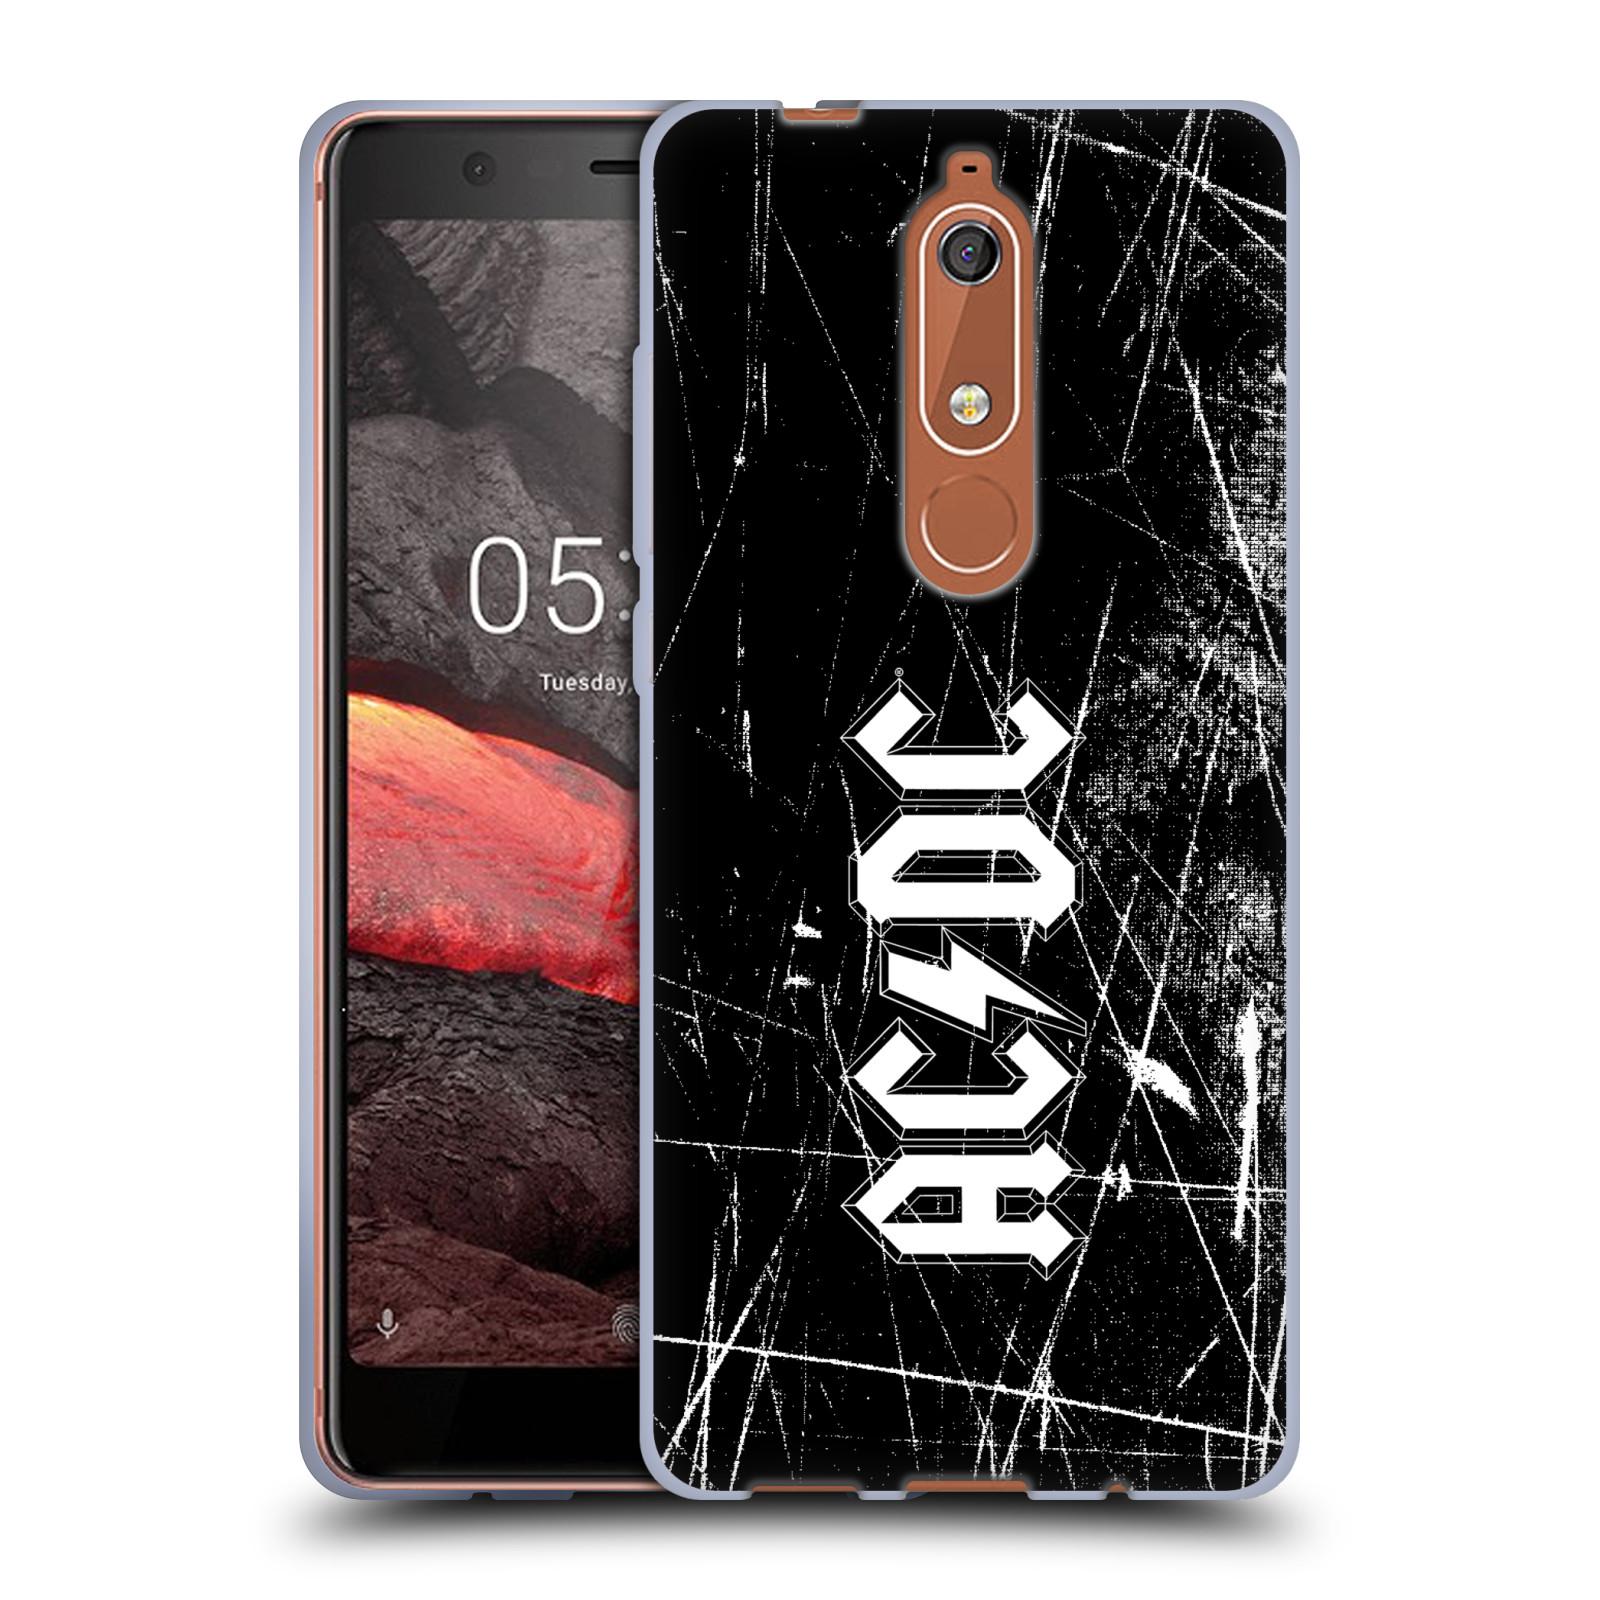 Silikonové pouzdro na mobil Nokia 5.1 - Head Case - AC/DC Černobílé logo